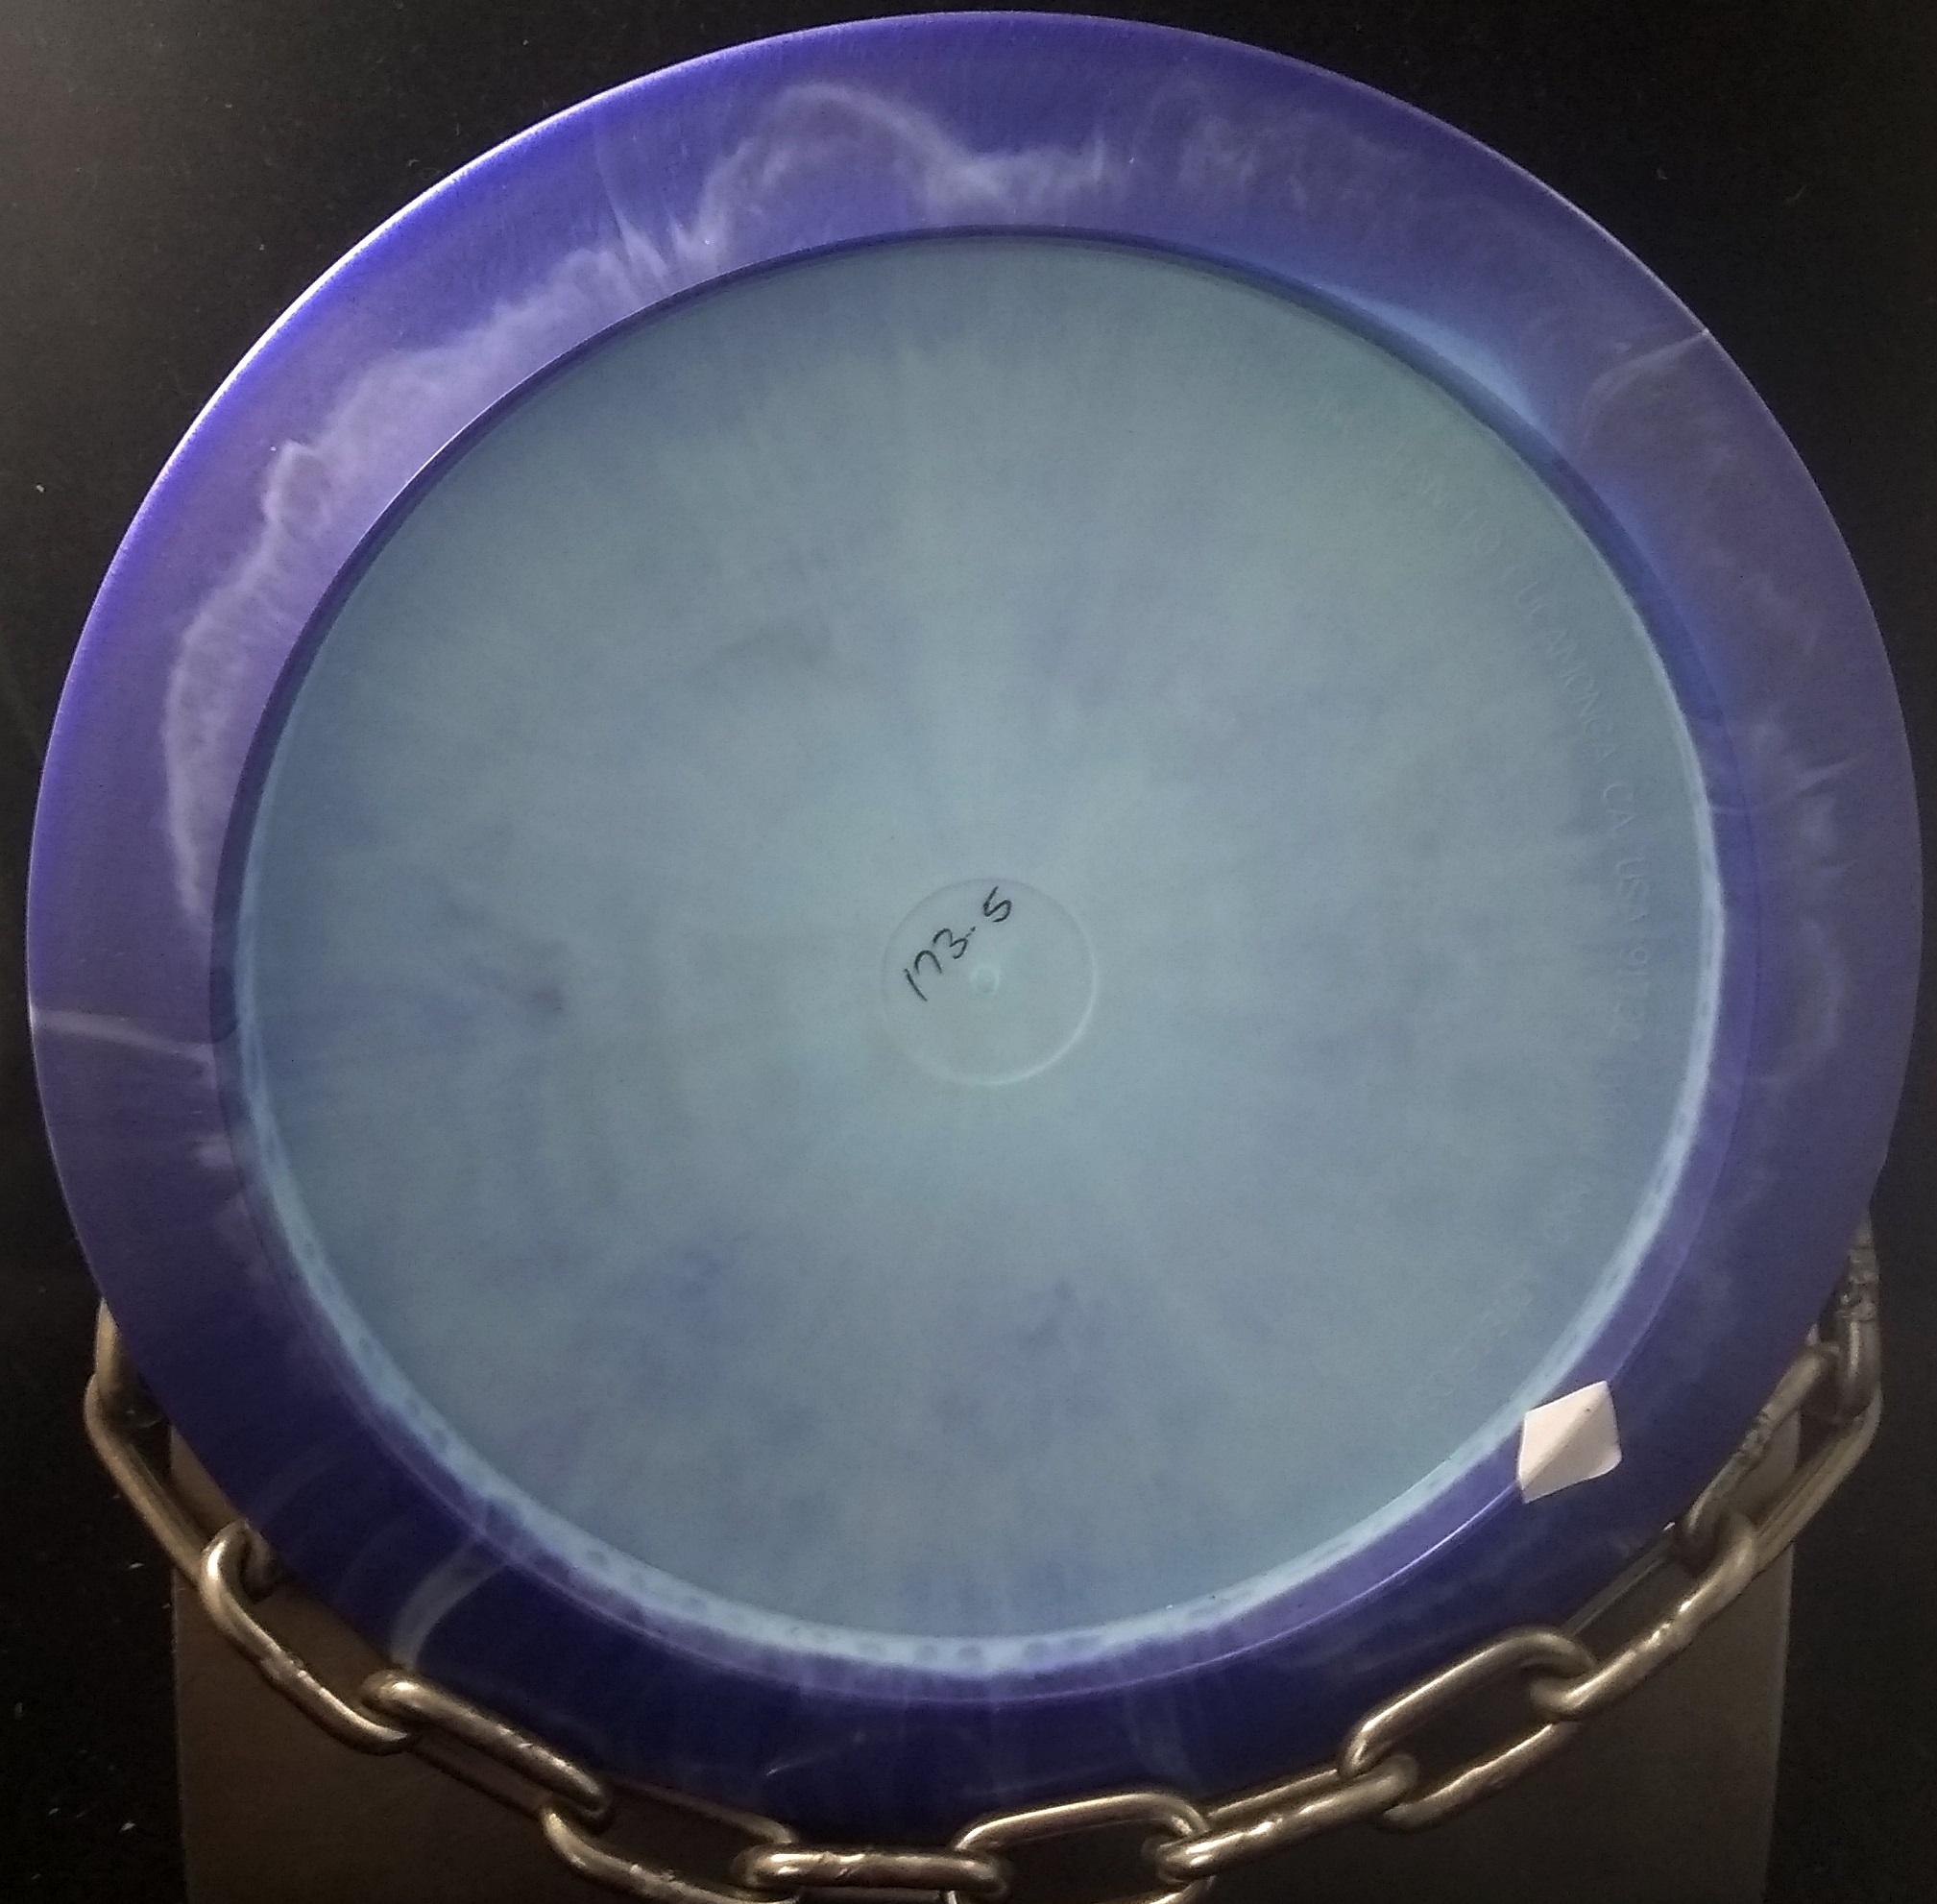 Innova Halo Star WRAITH Golf Disc